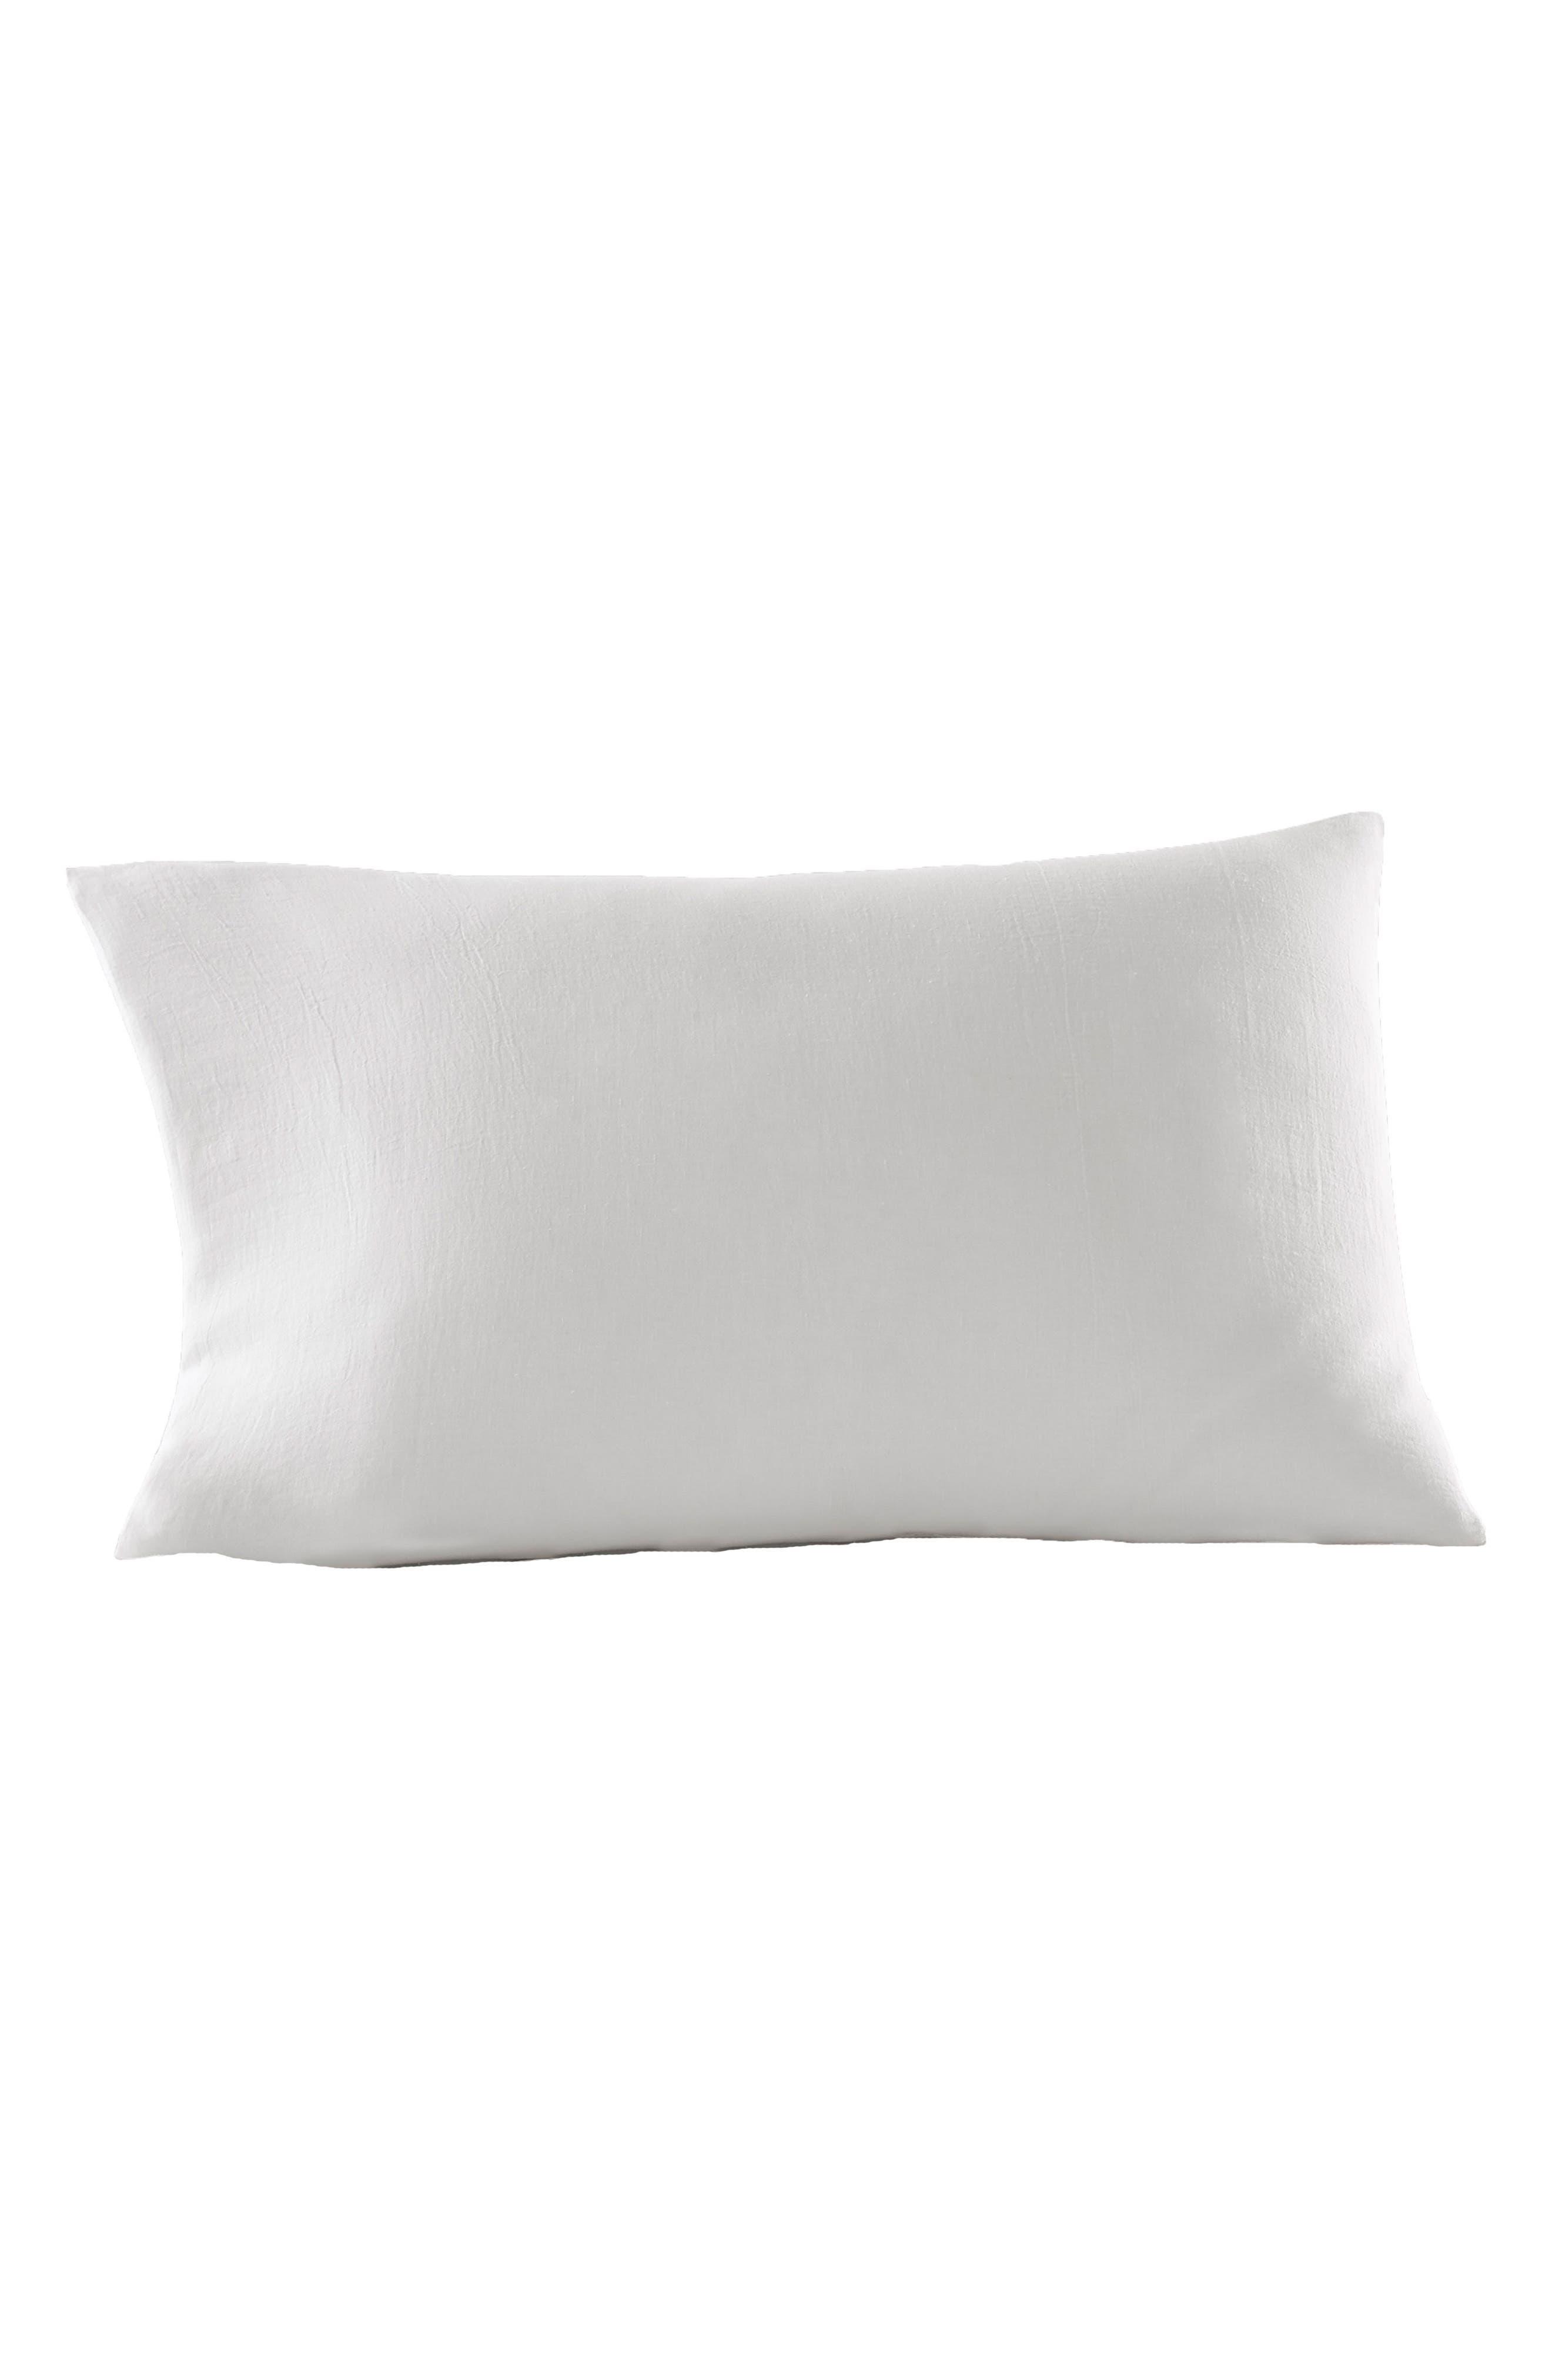 KASSATEX Lino Linen Accent Pillow